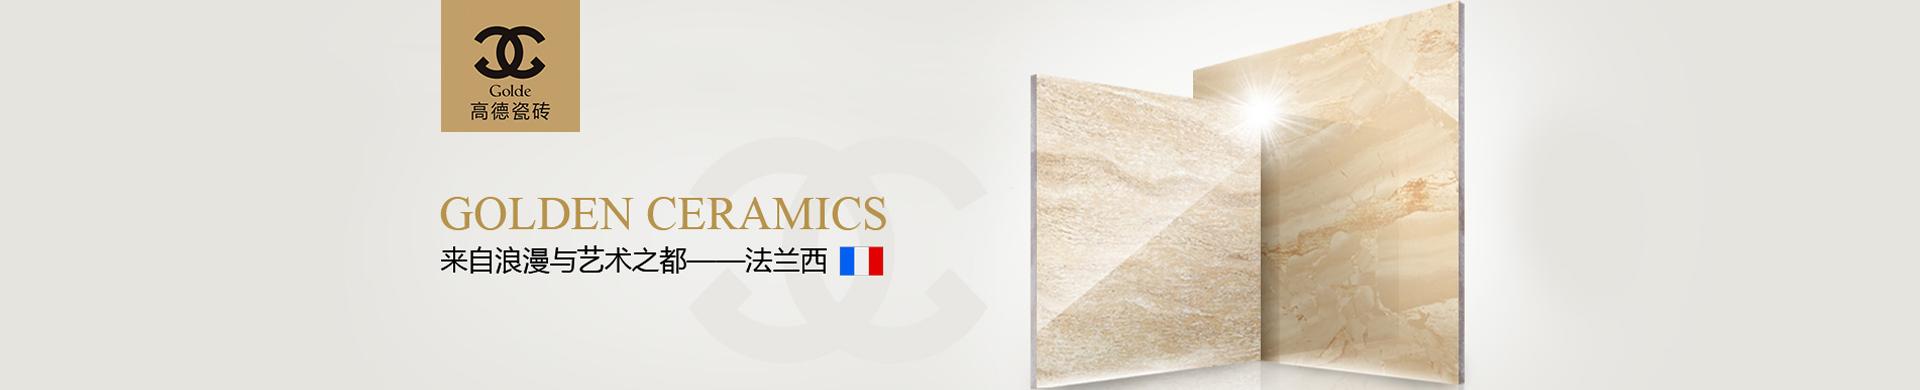 高德瓷砖品牌广告